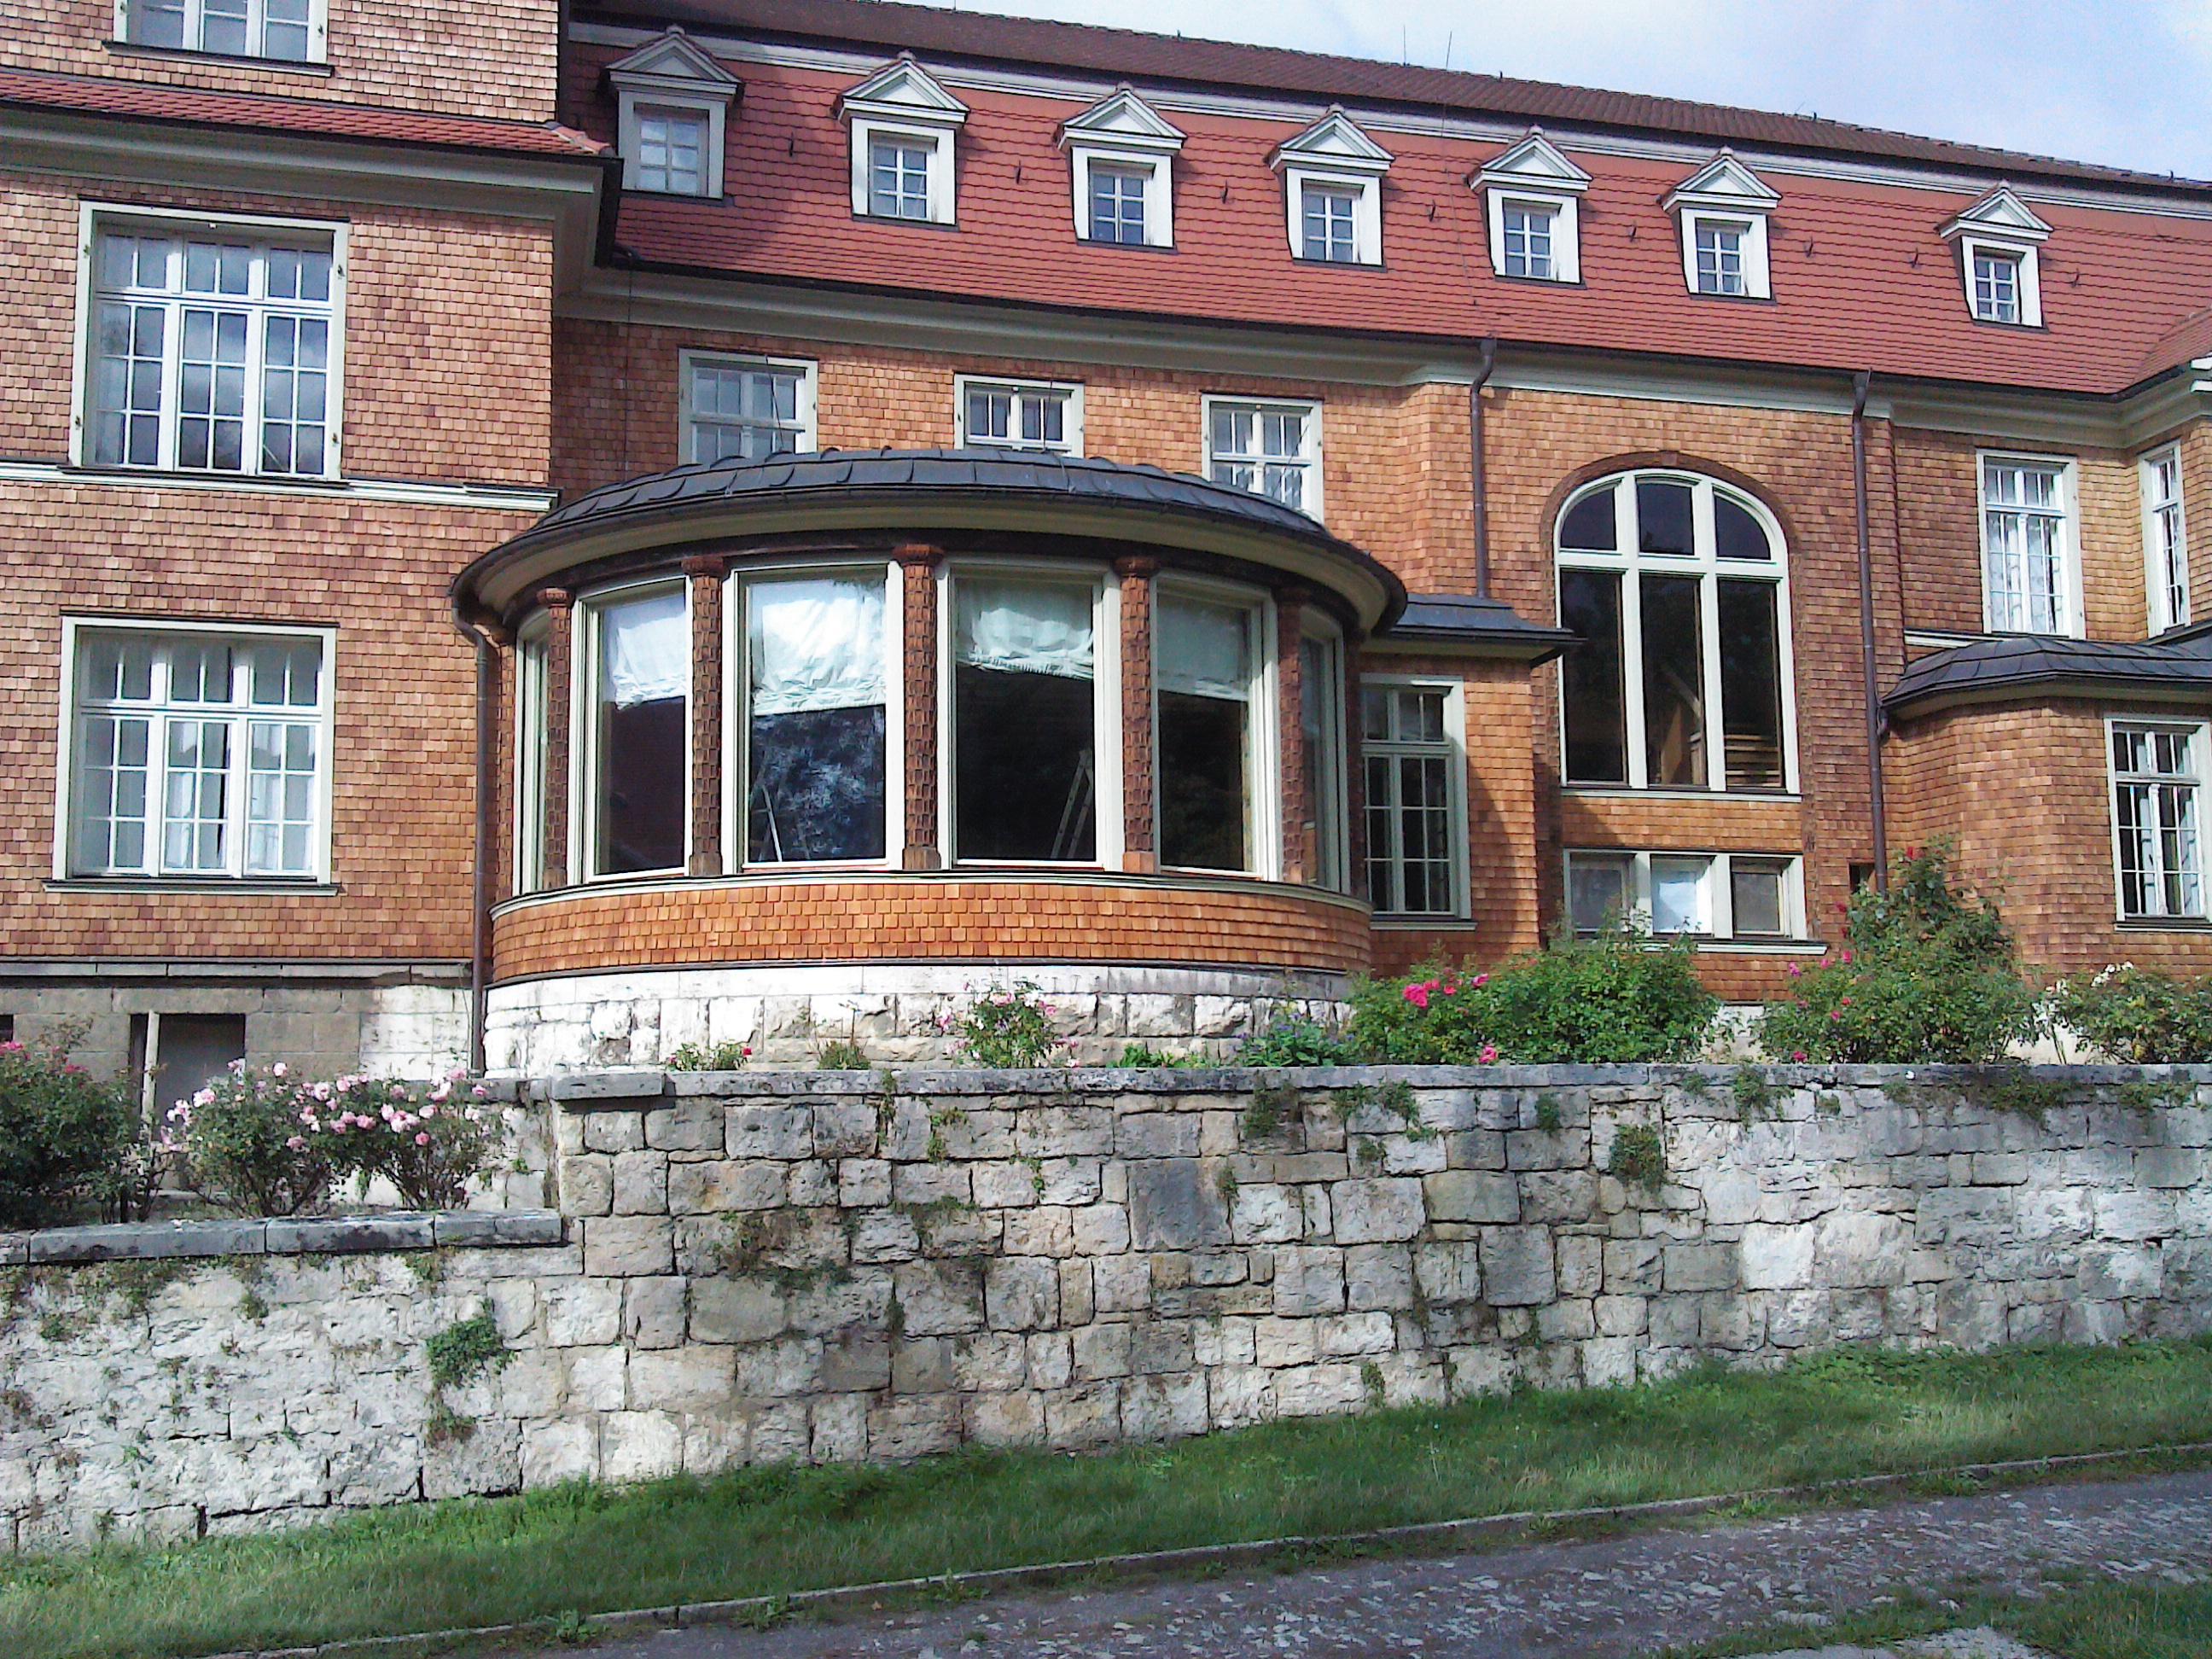 Fenstererneuerung am Herrenhaus (Diakonie Landgut Holzdorf gGmbH)